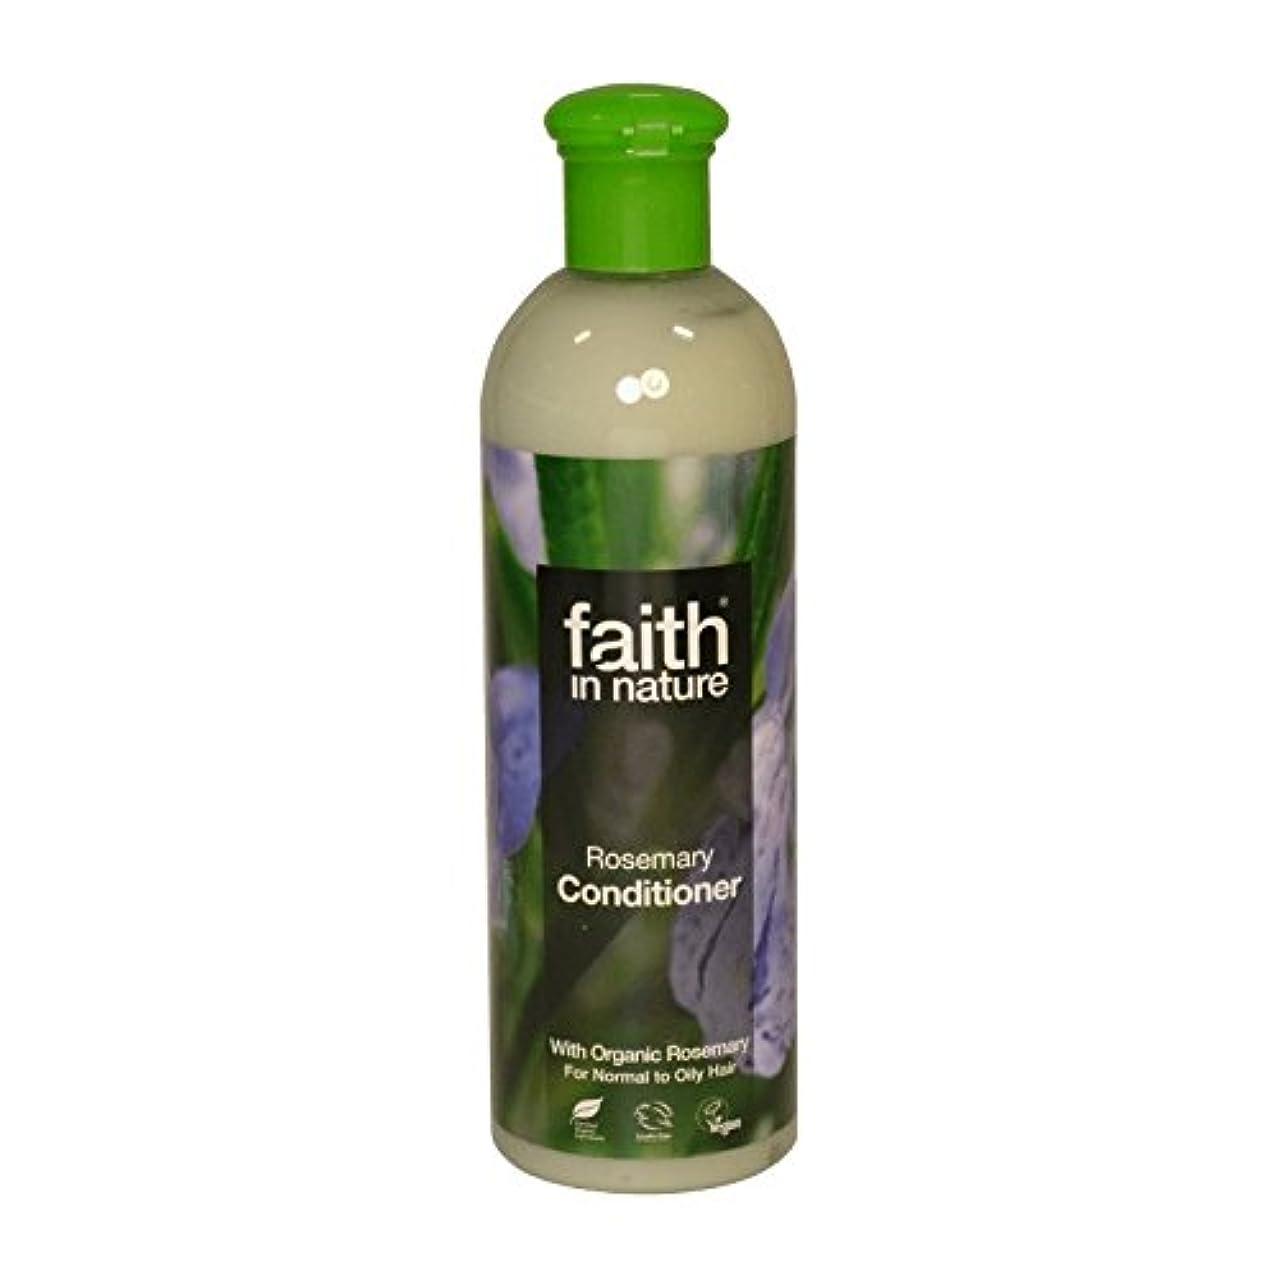 任意運命的な裏切り者Faith in Nature Rosemary Conditioner 400ml (Pack of 6) - 自然ローズマリーコンディショナー400ミリリットルの信仰 (x6) [並行輸入品]